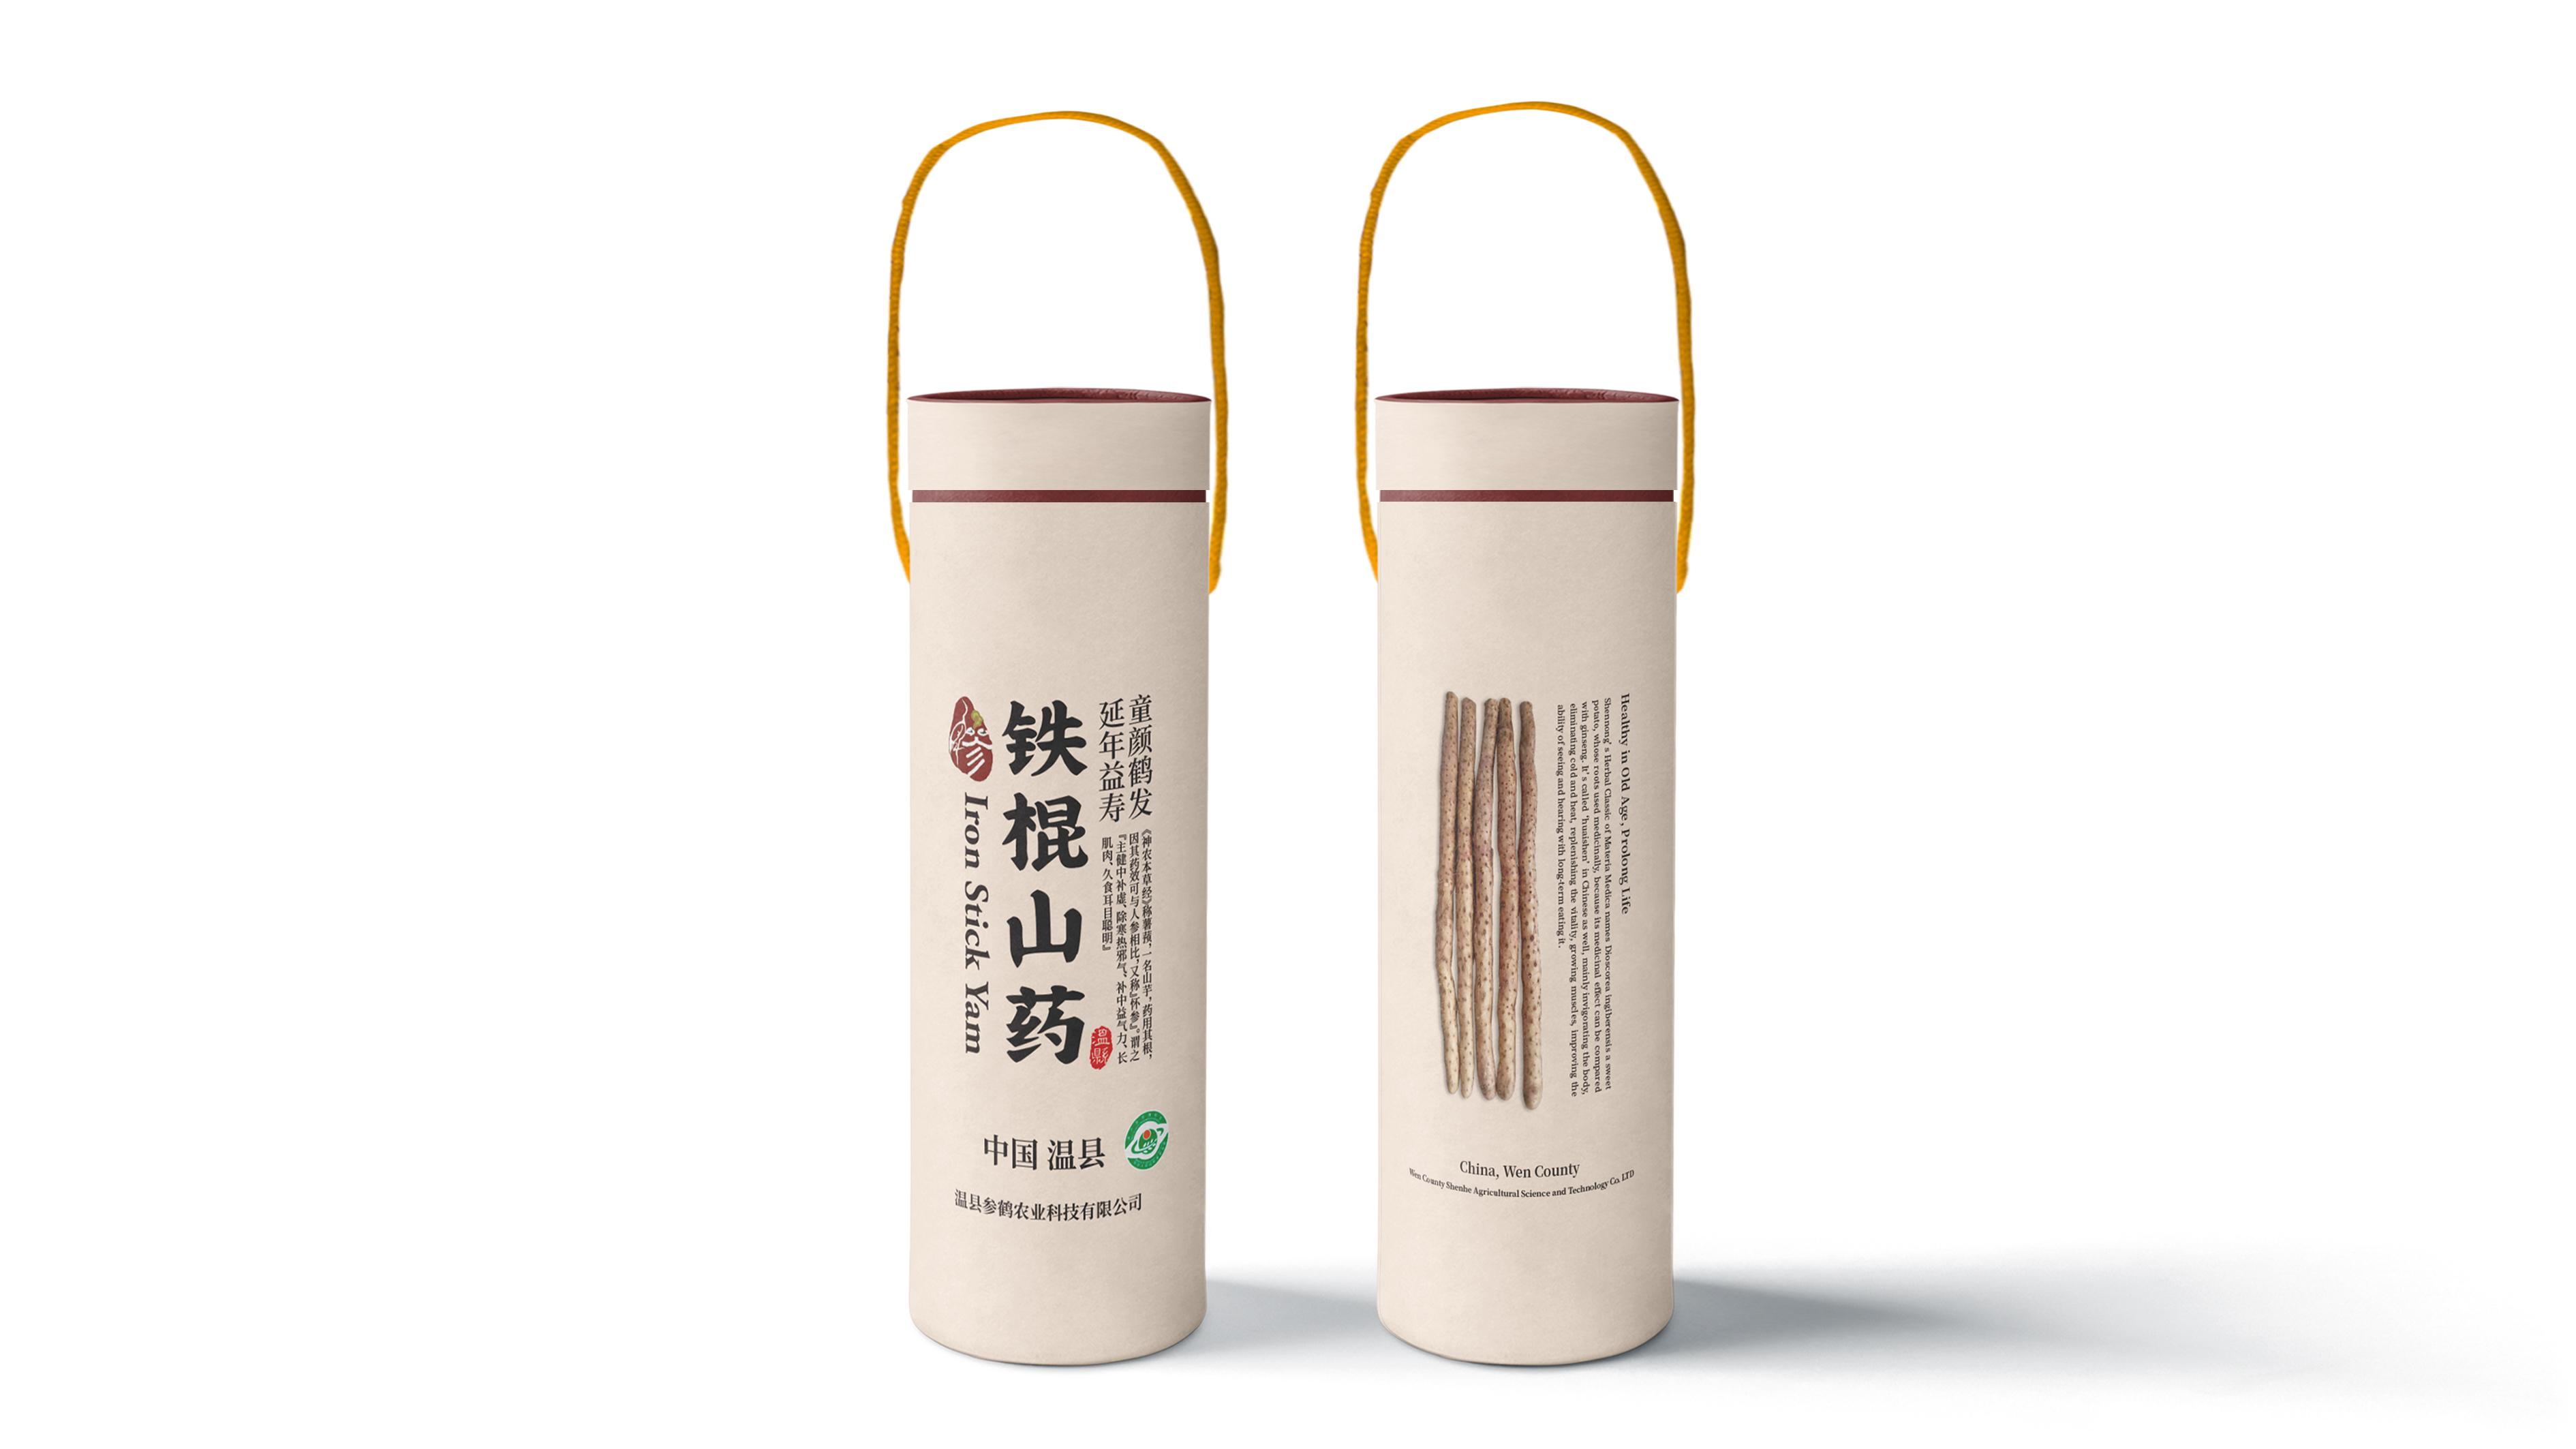 参鹤高端礼赠铁棍山药品牌包装设计